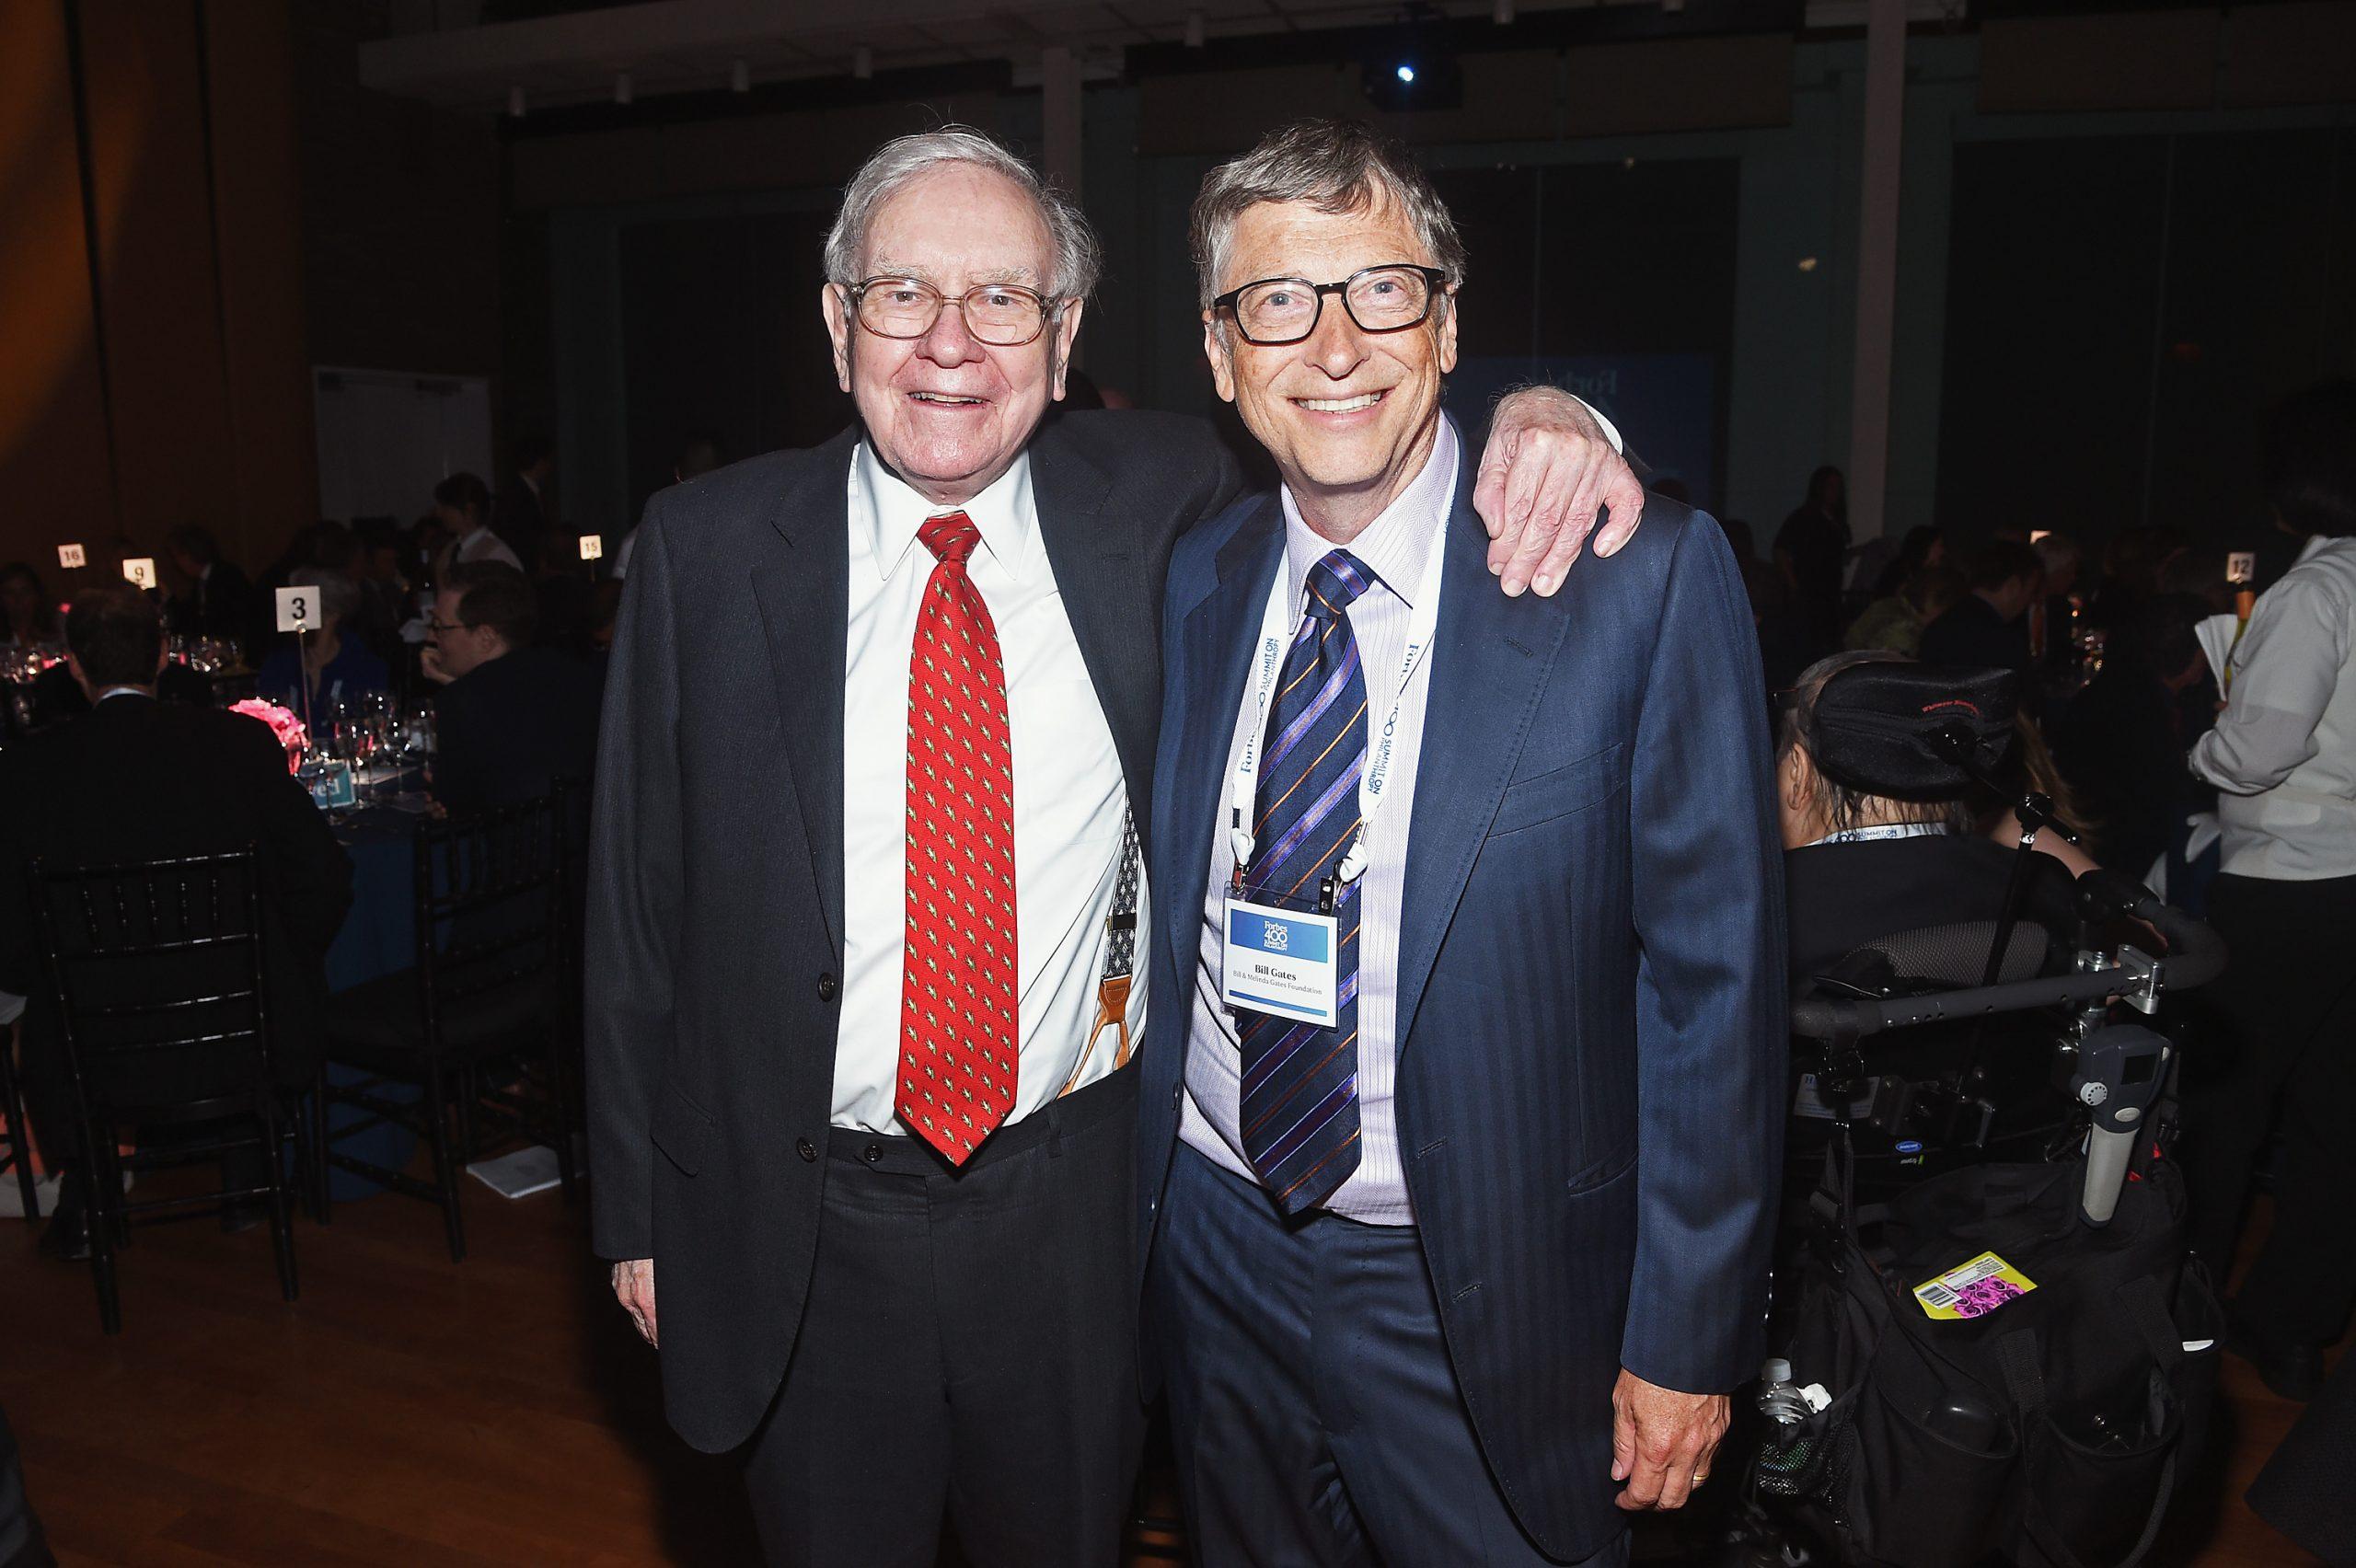 Warren Buffett and Bill Gates - Top 30 Richest People